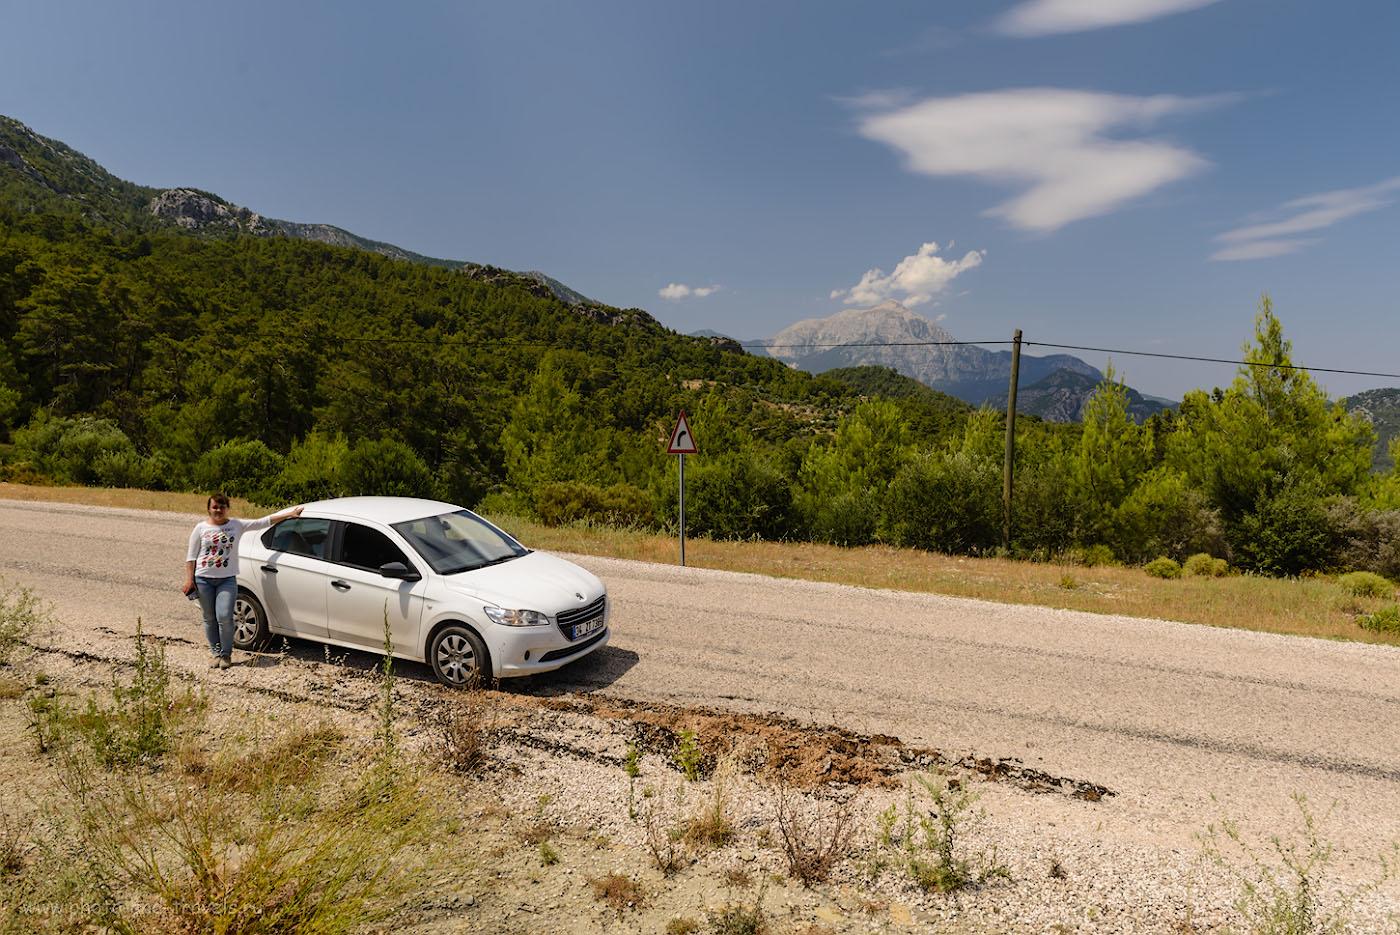 Фотография 10. По дороге из Олимпоса в Чиралы. На заднем плане – высочайшая вершина Кемера гора Тахталы (Tahtalı Dağları). Полнокадровая камера Nikon D610, объектив Nikon 24-70mm. Настройки, использованные при съемке: выдержка 1/250 с, экспокоррекция 0EV, диафрагма f/8.0, ISO 100, фокусное 24 мм.